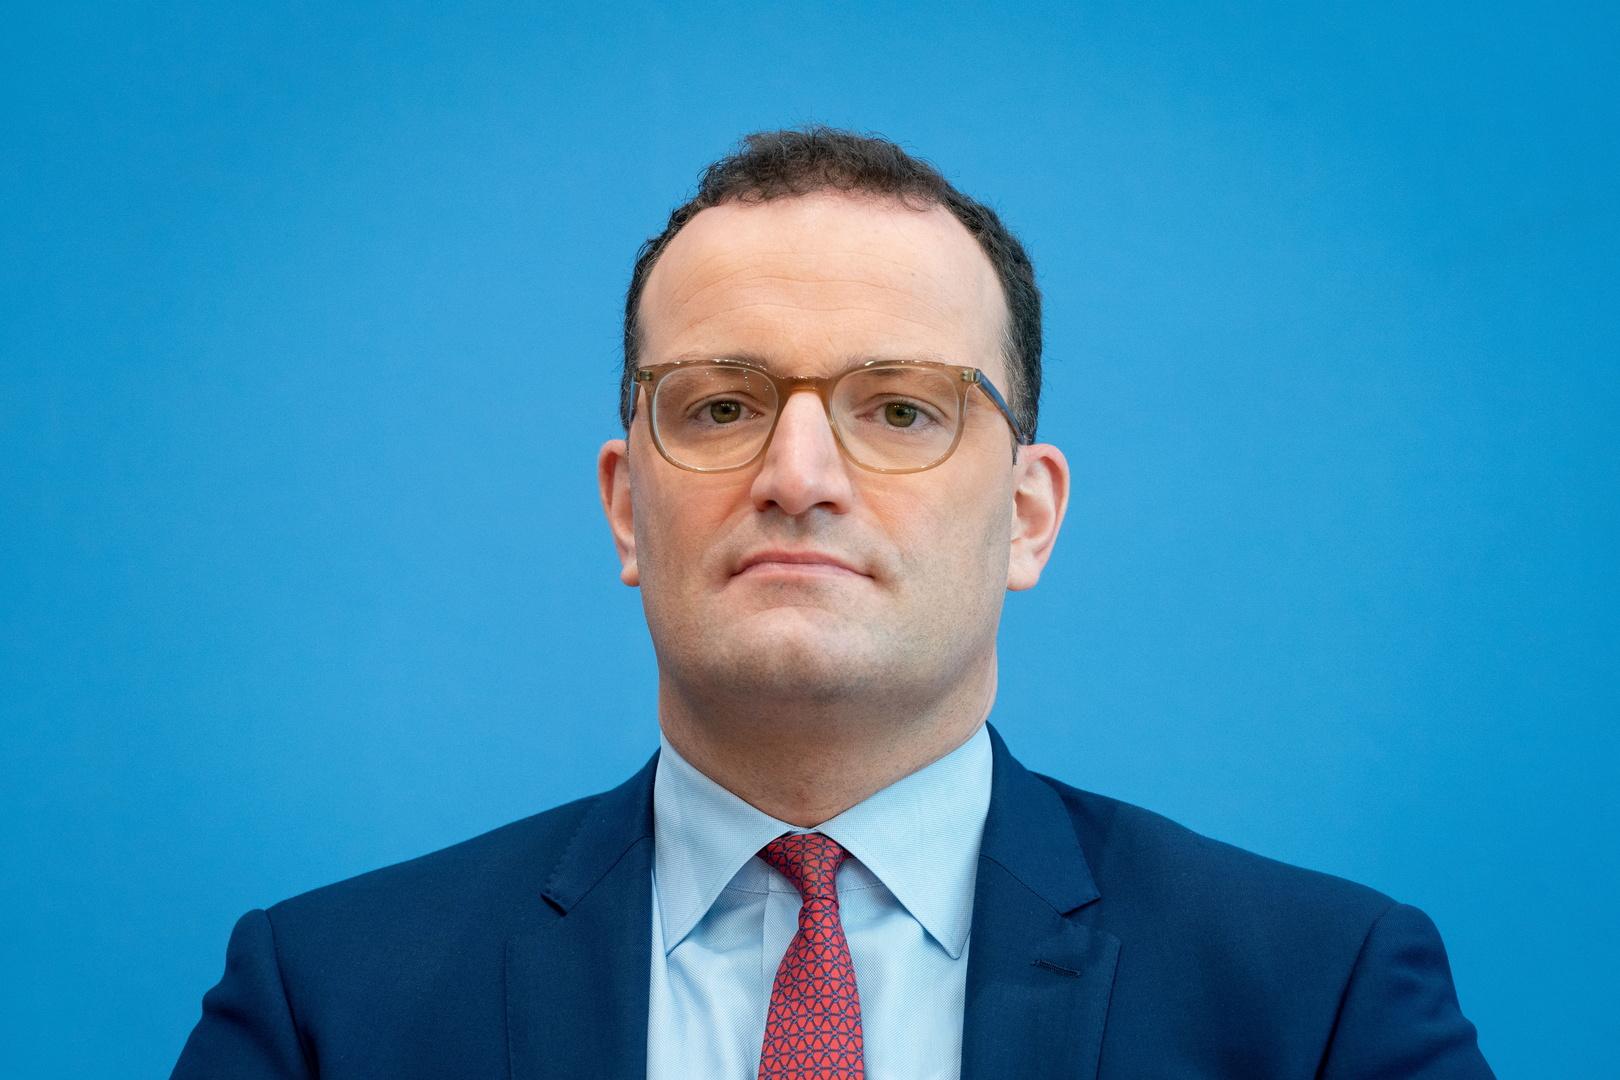 وزير الصحة الألماني: برنامج التطعيم ضد كورونا قد يبدأ الشهر المقبل